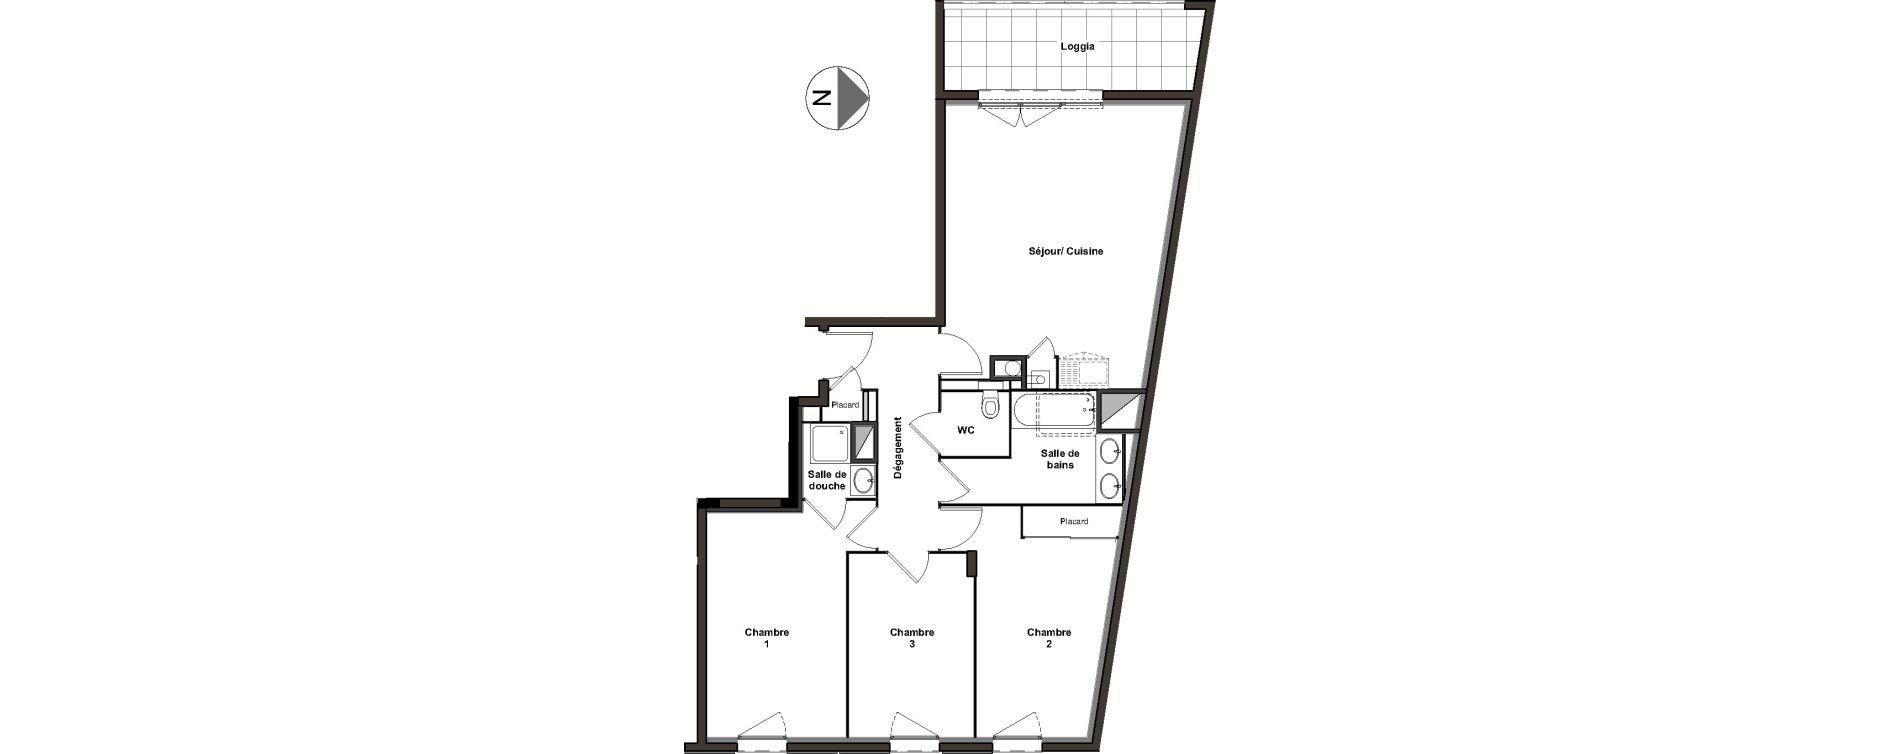 Appartement T4 de 75,62 m2 à Villeurbanne Ferrandière - maisons-neuves